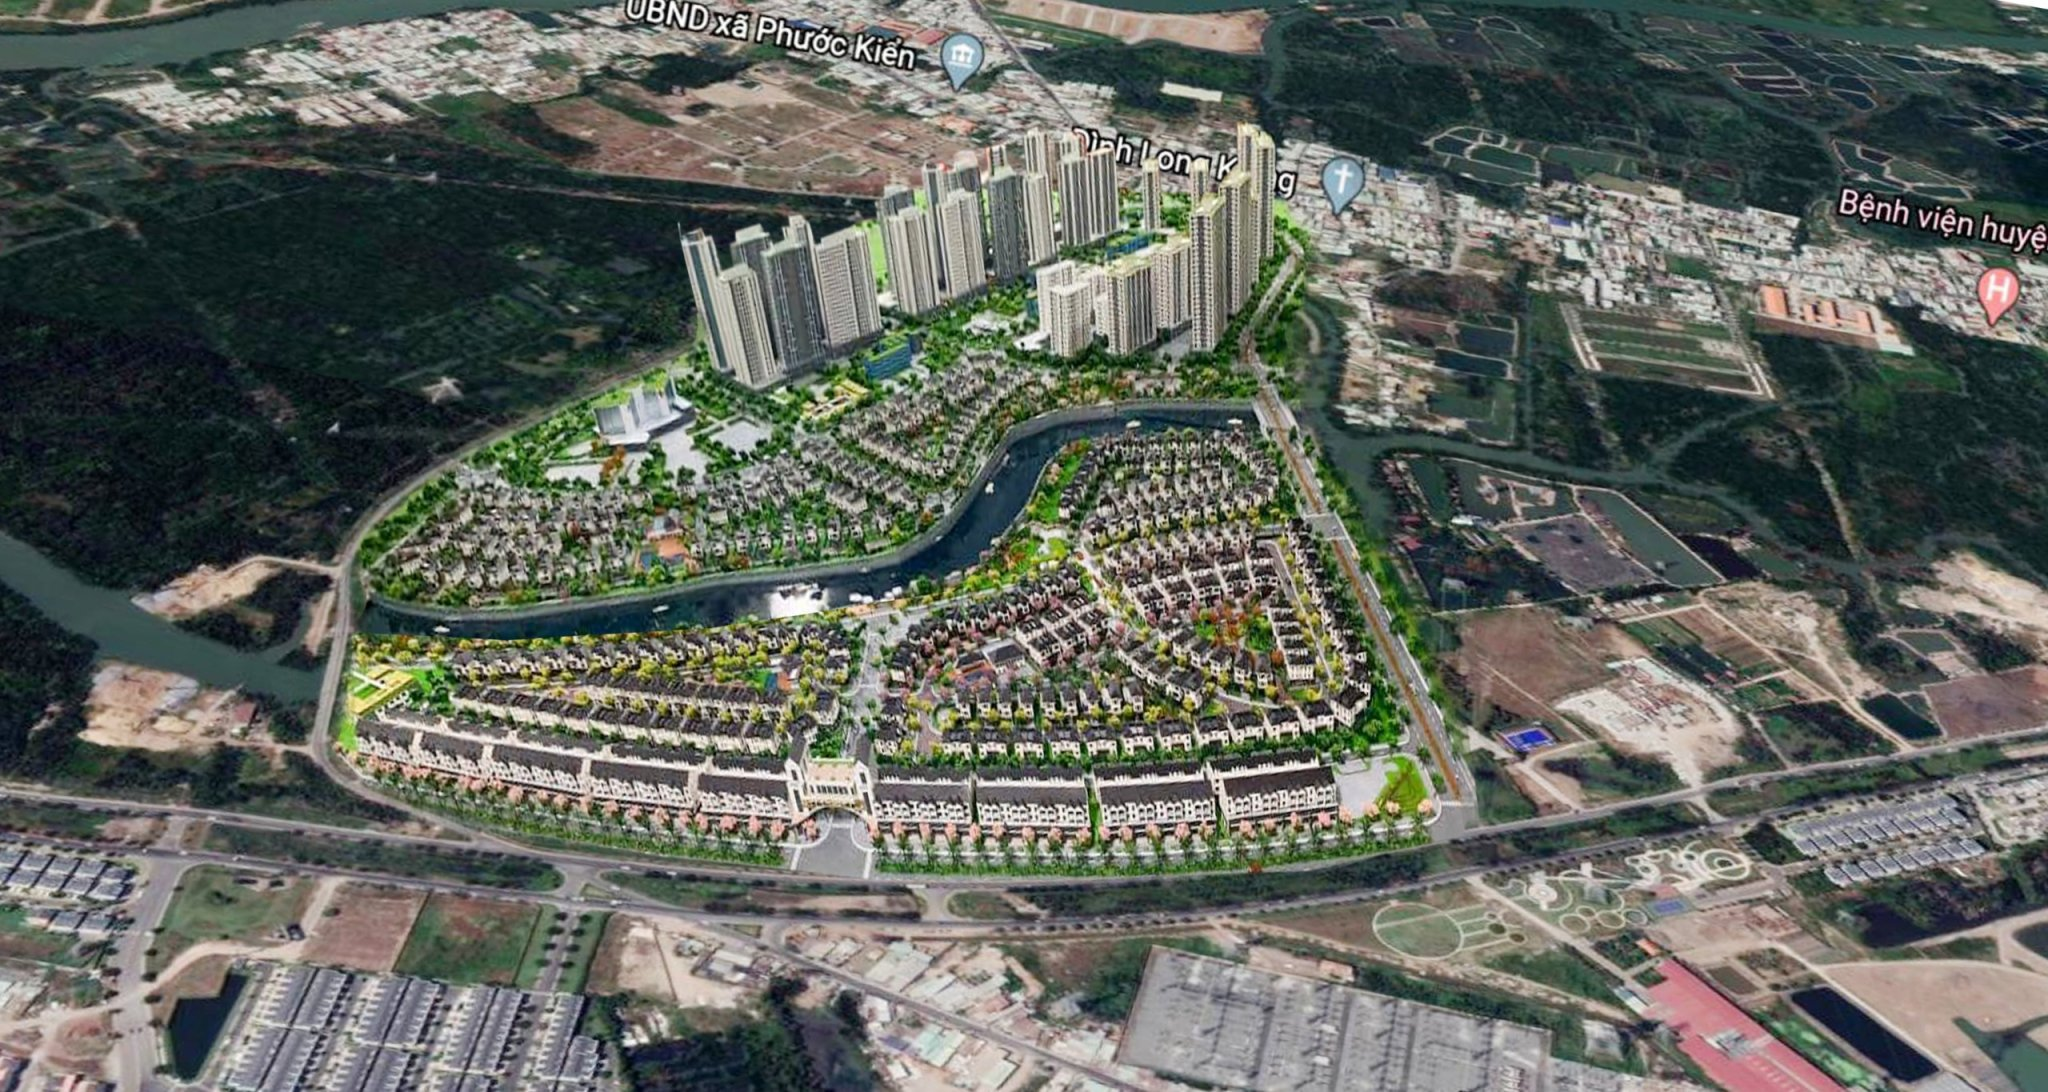 Dự án Zeit Xii River - Xu hướng tìm chốn an cư của người trẻ hiện đại